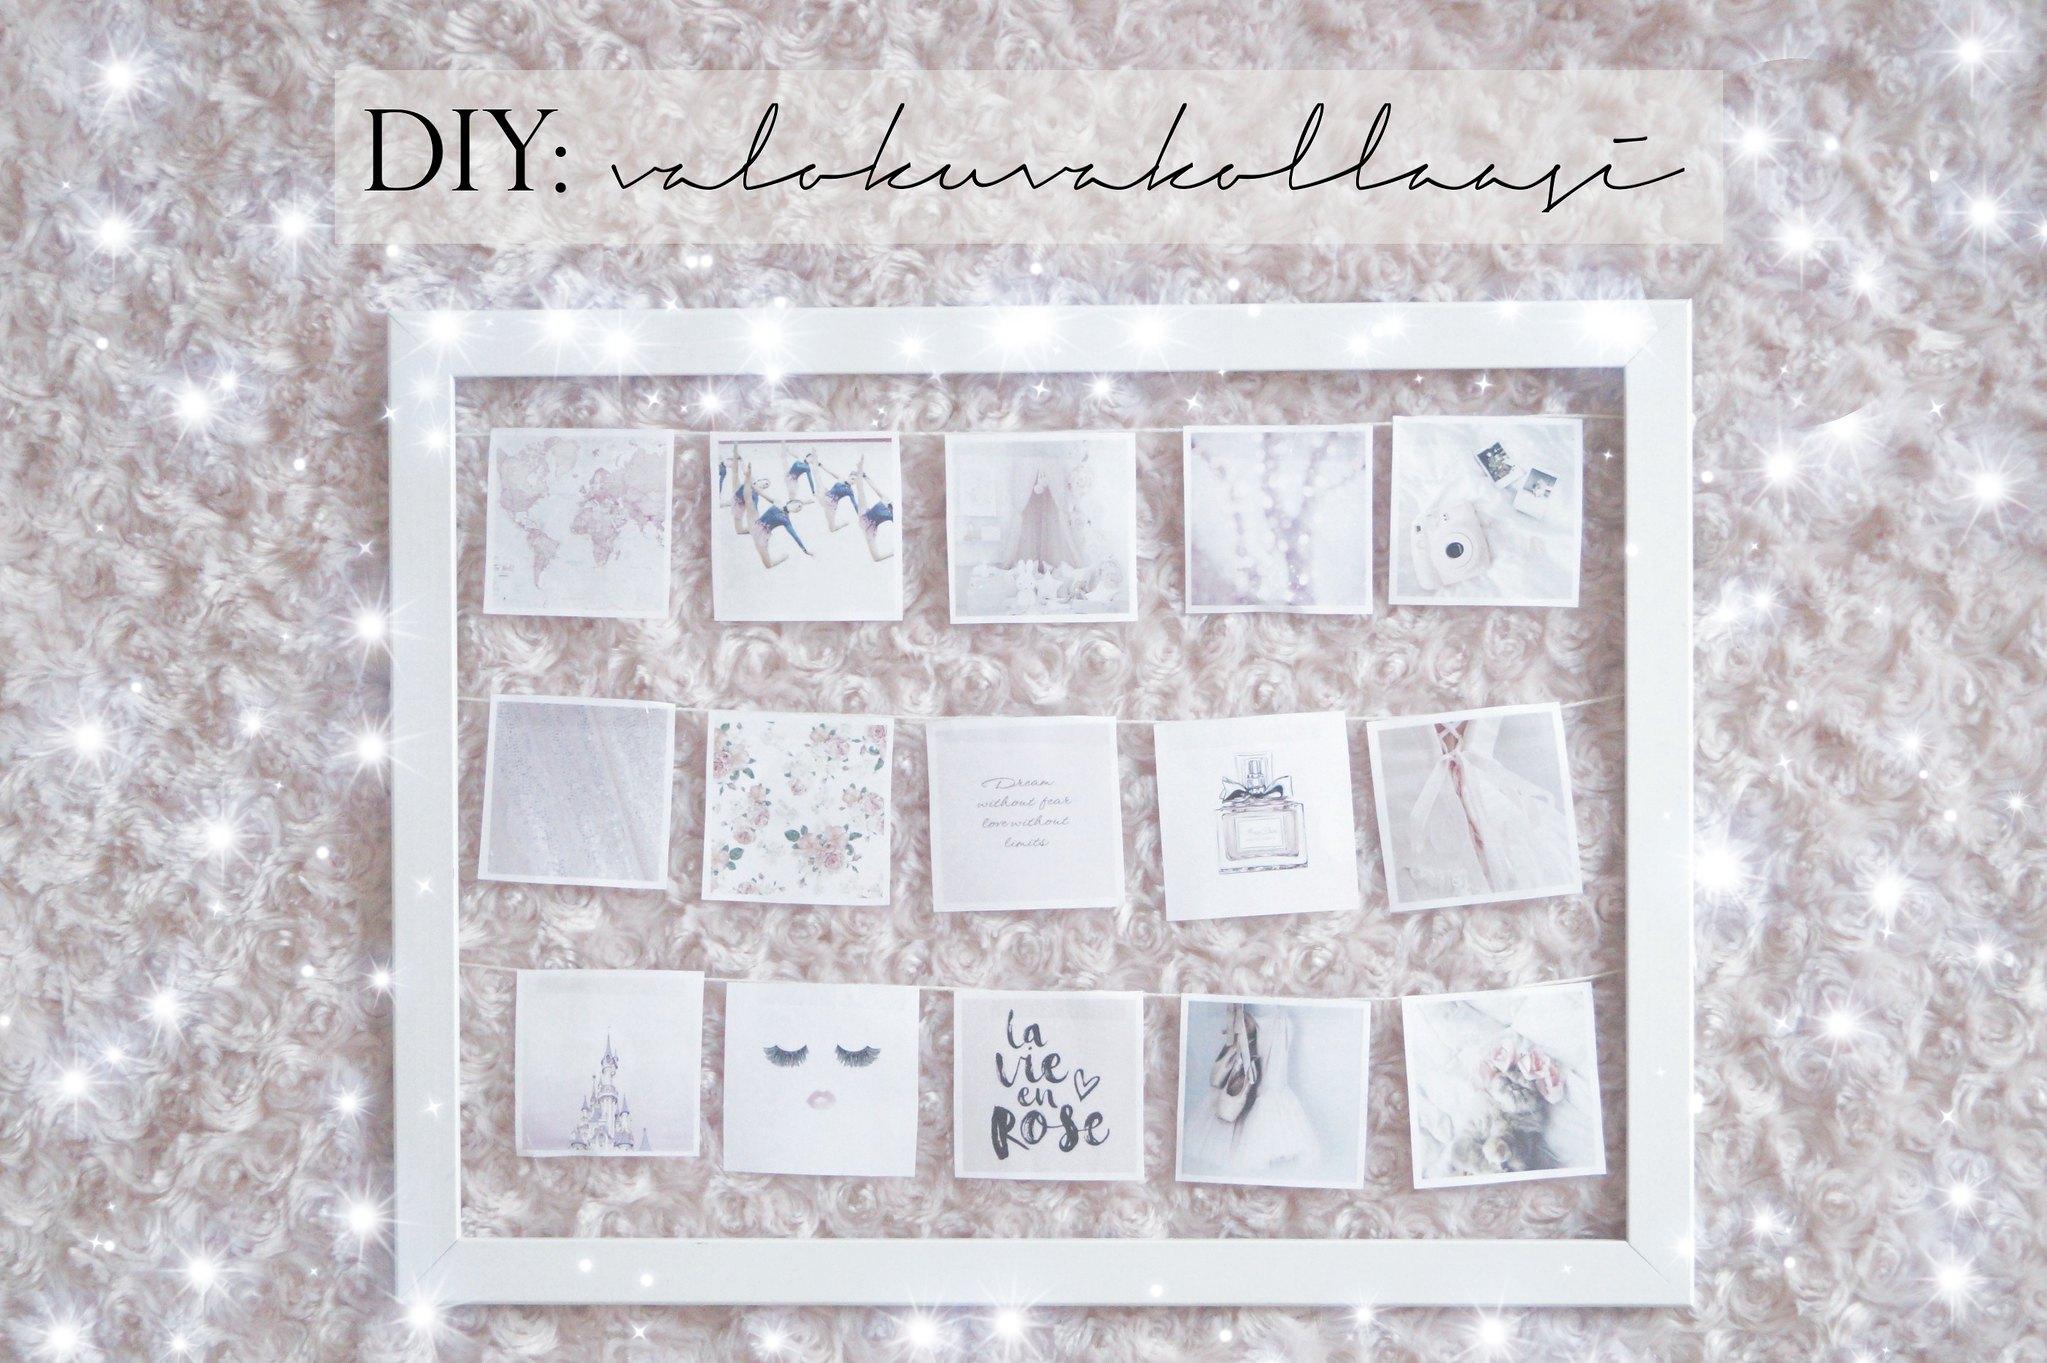 DIY-valokuvakollaasi